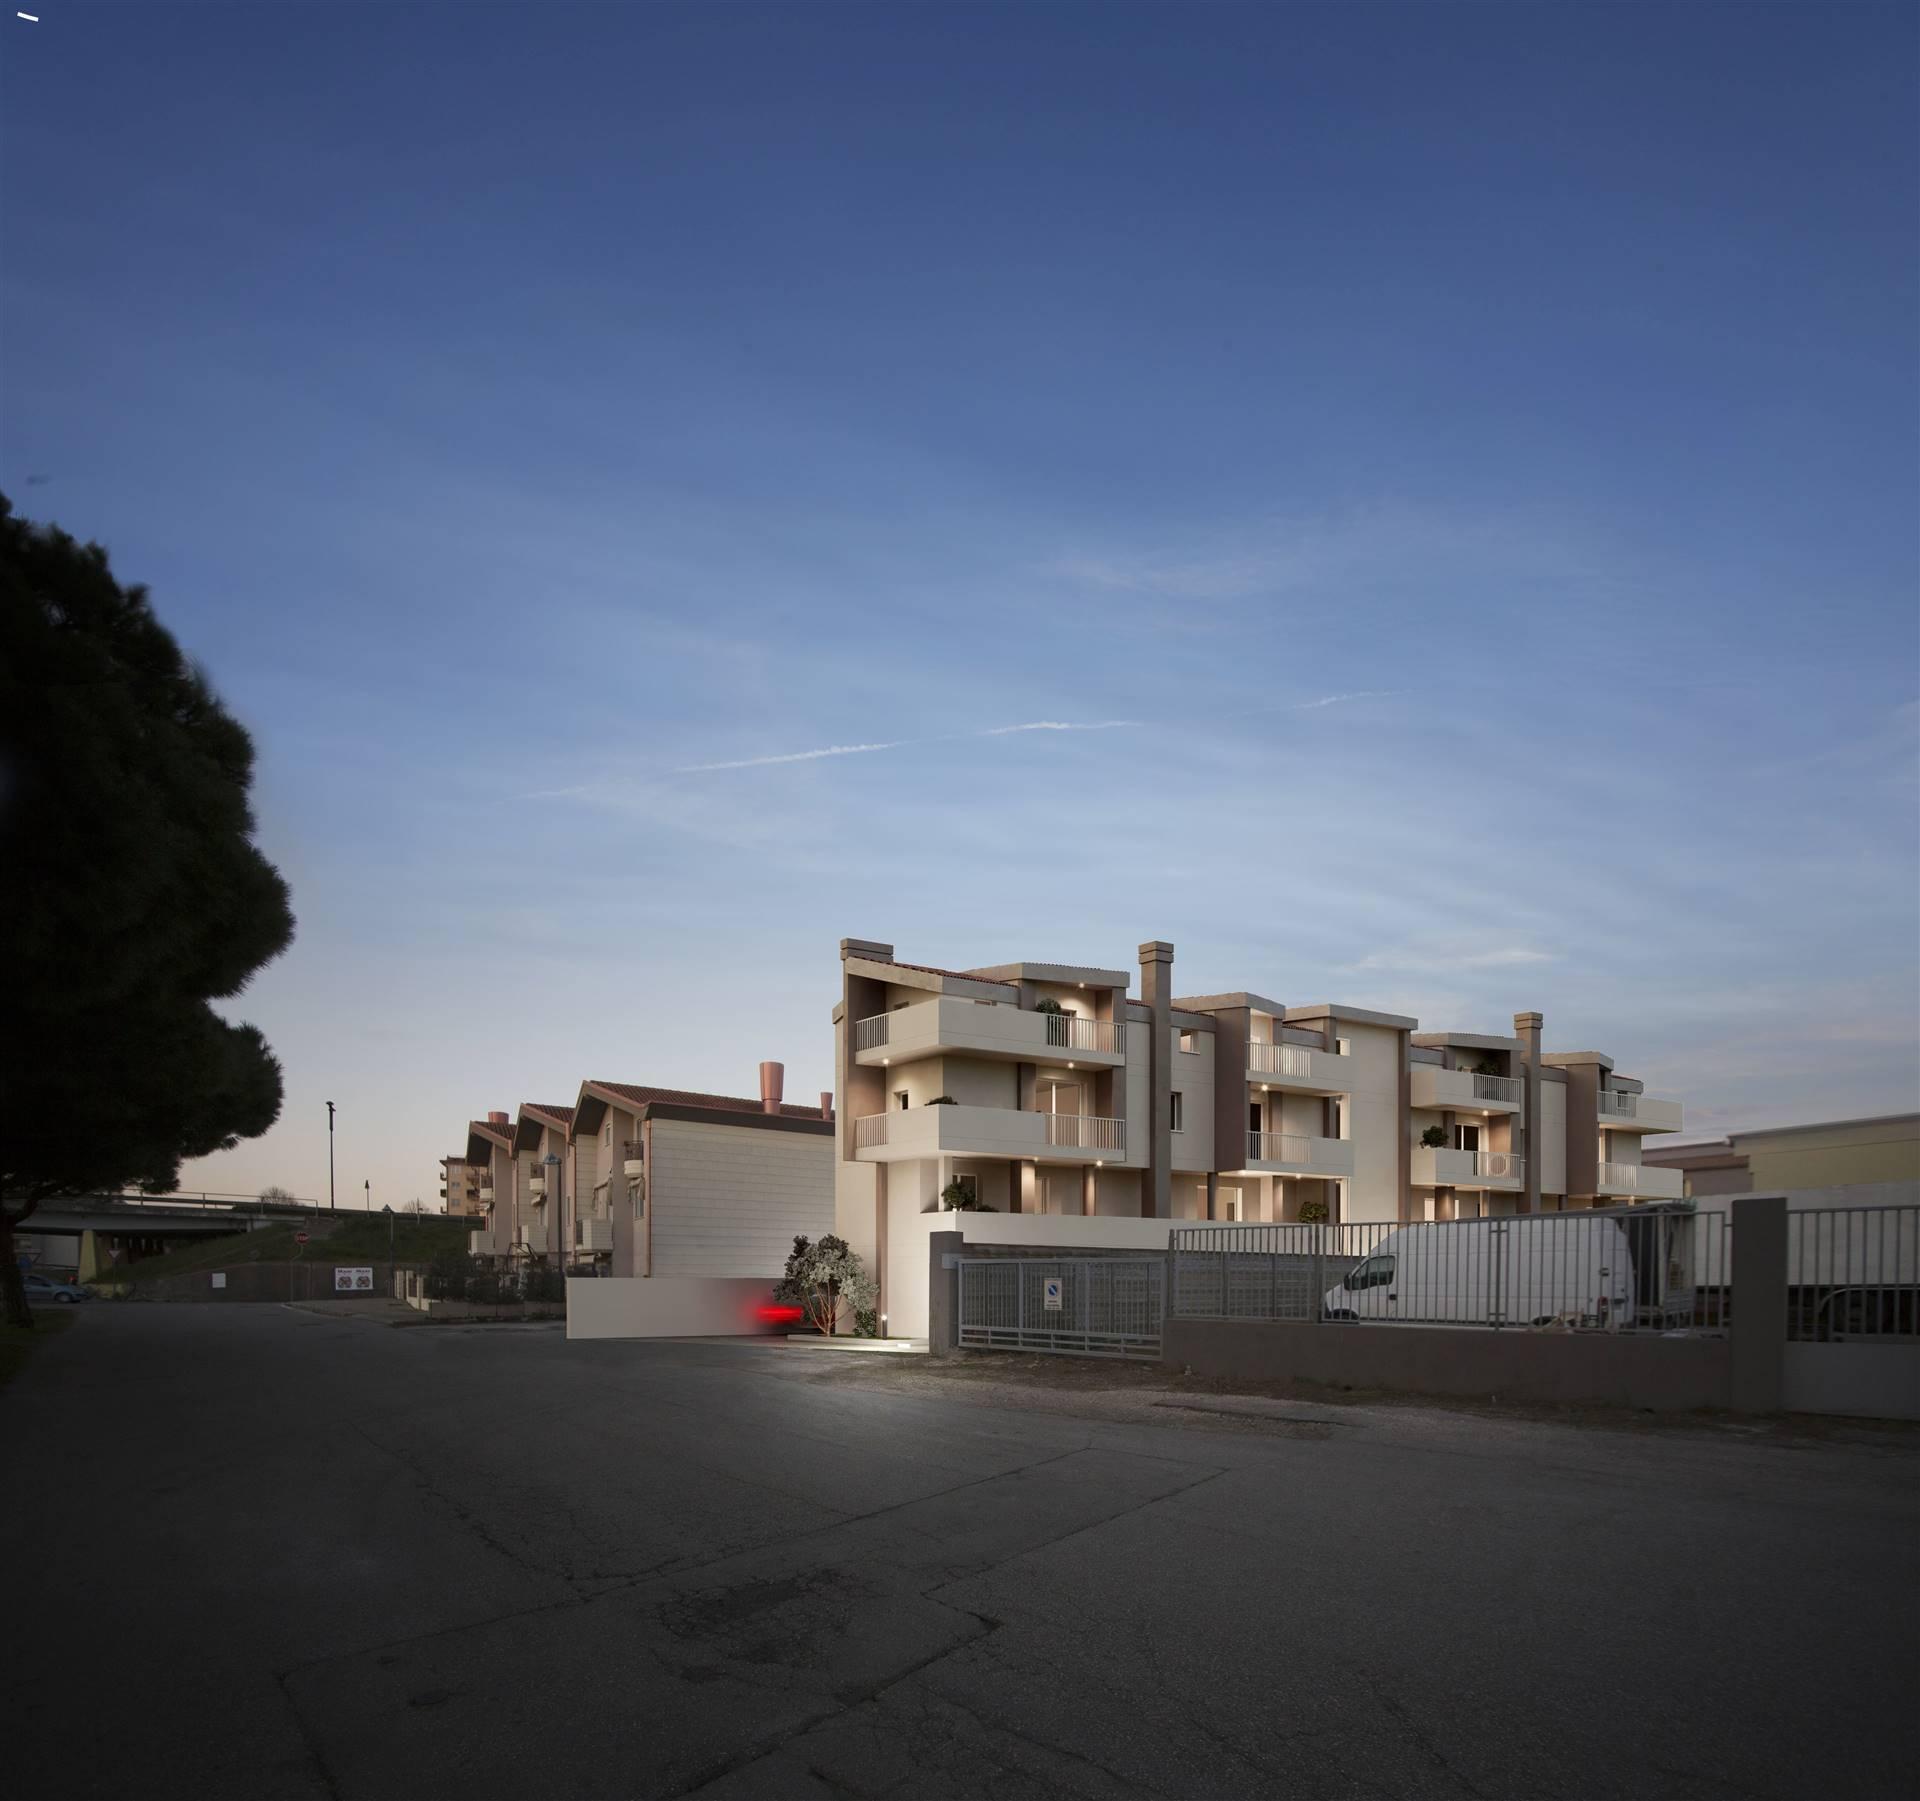 Attico / Mansarda in vendita a Chioggia, 4 locali, zona Località: BORGO SAN GIOVANNI, prezzo € 260.000 | PortaleAgenzieImmobiliari.it